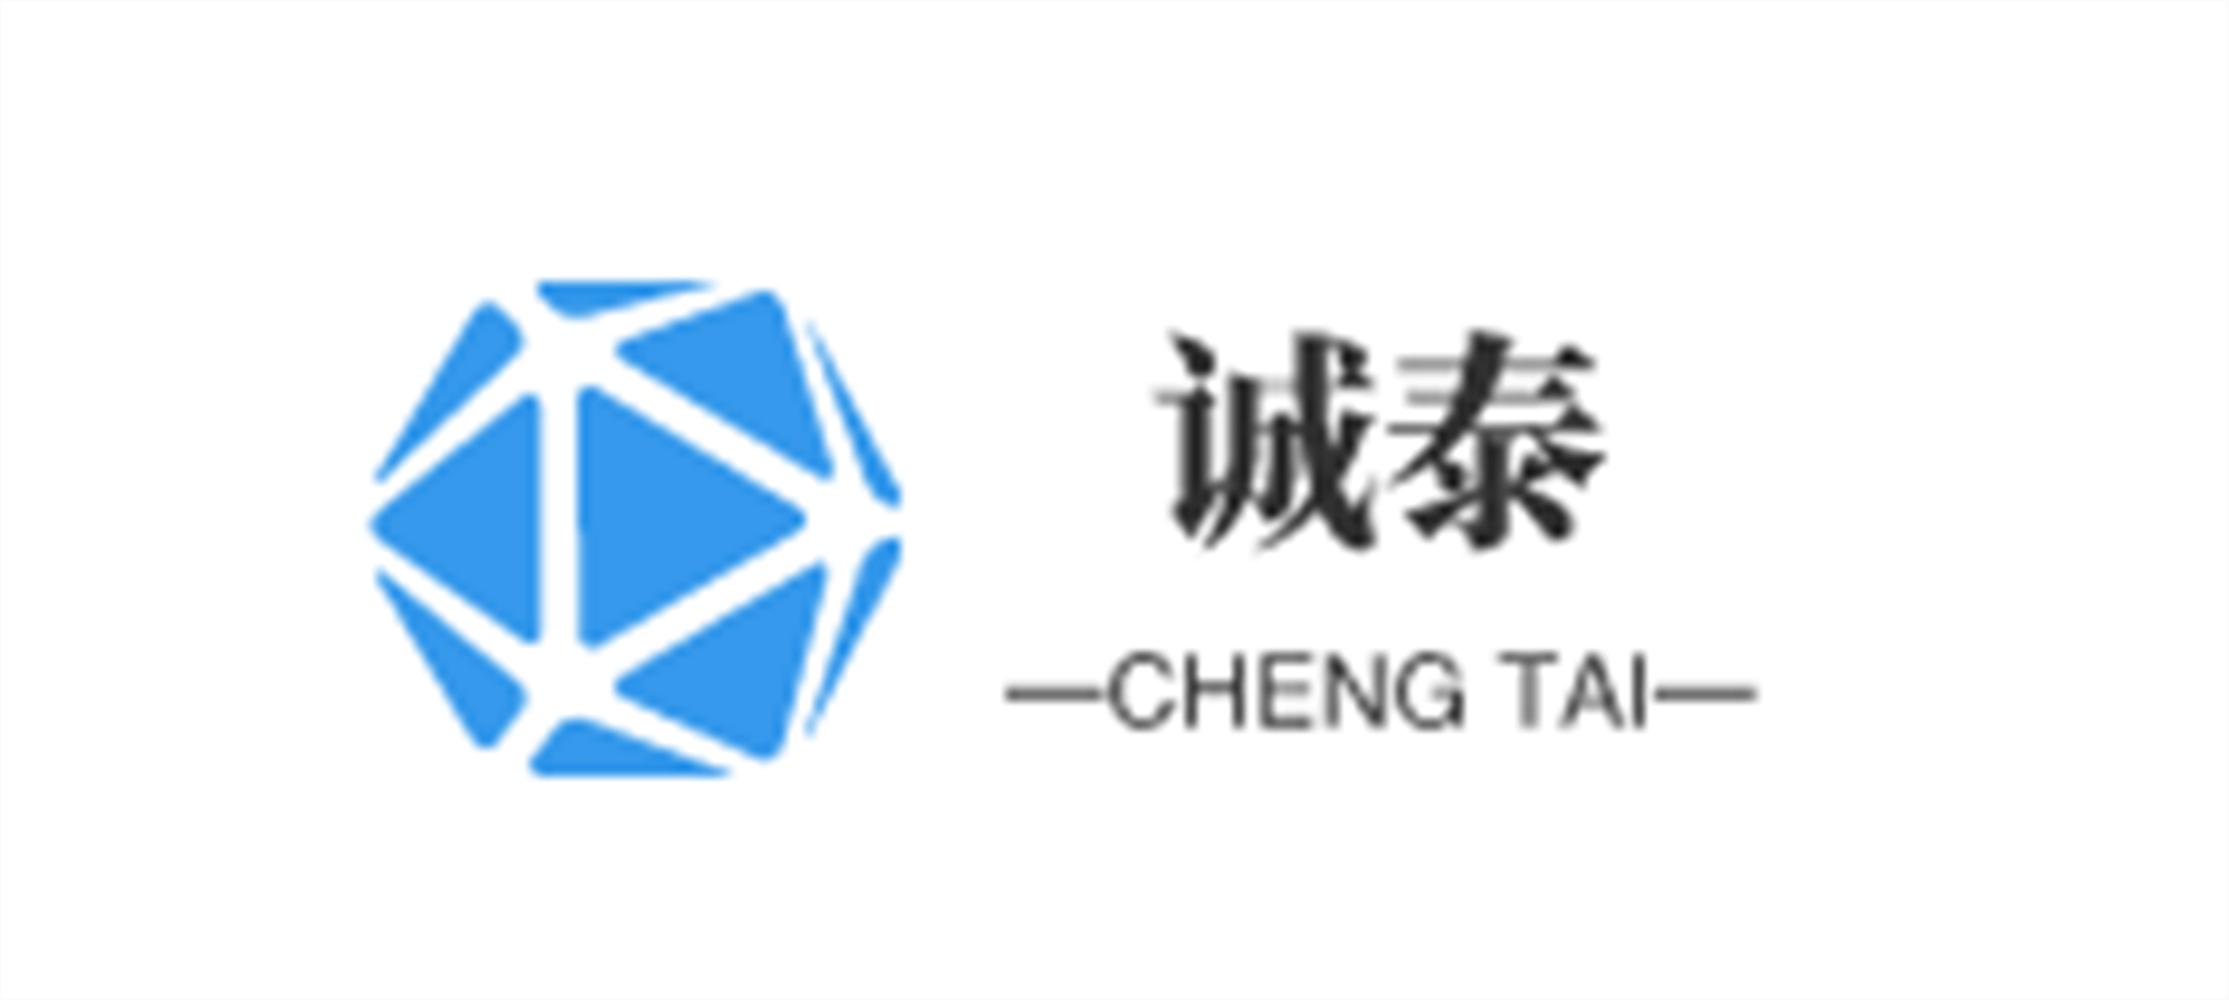 深圳市诚泰供应制品有限责任公司